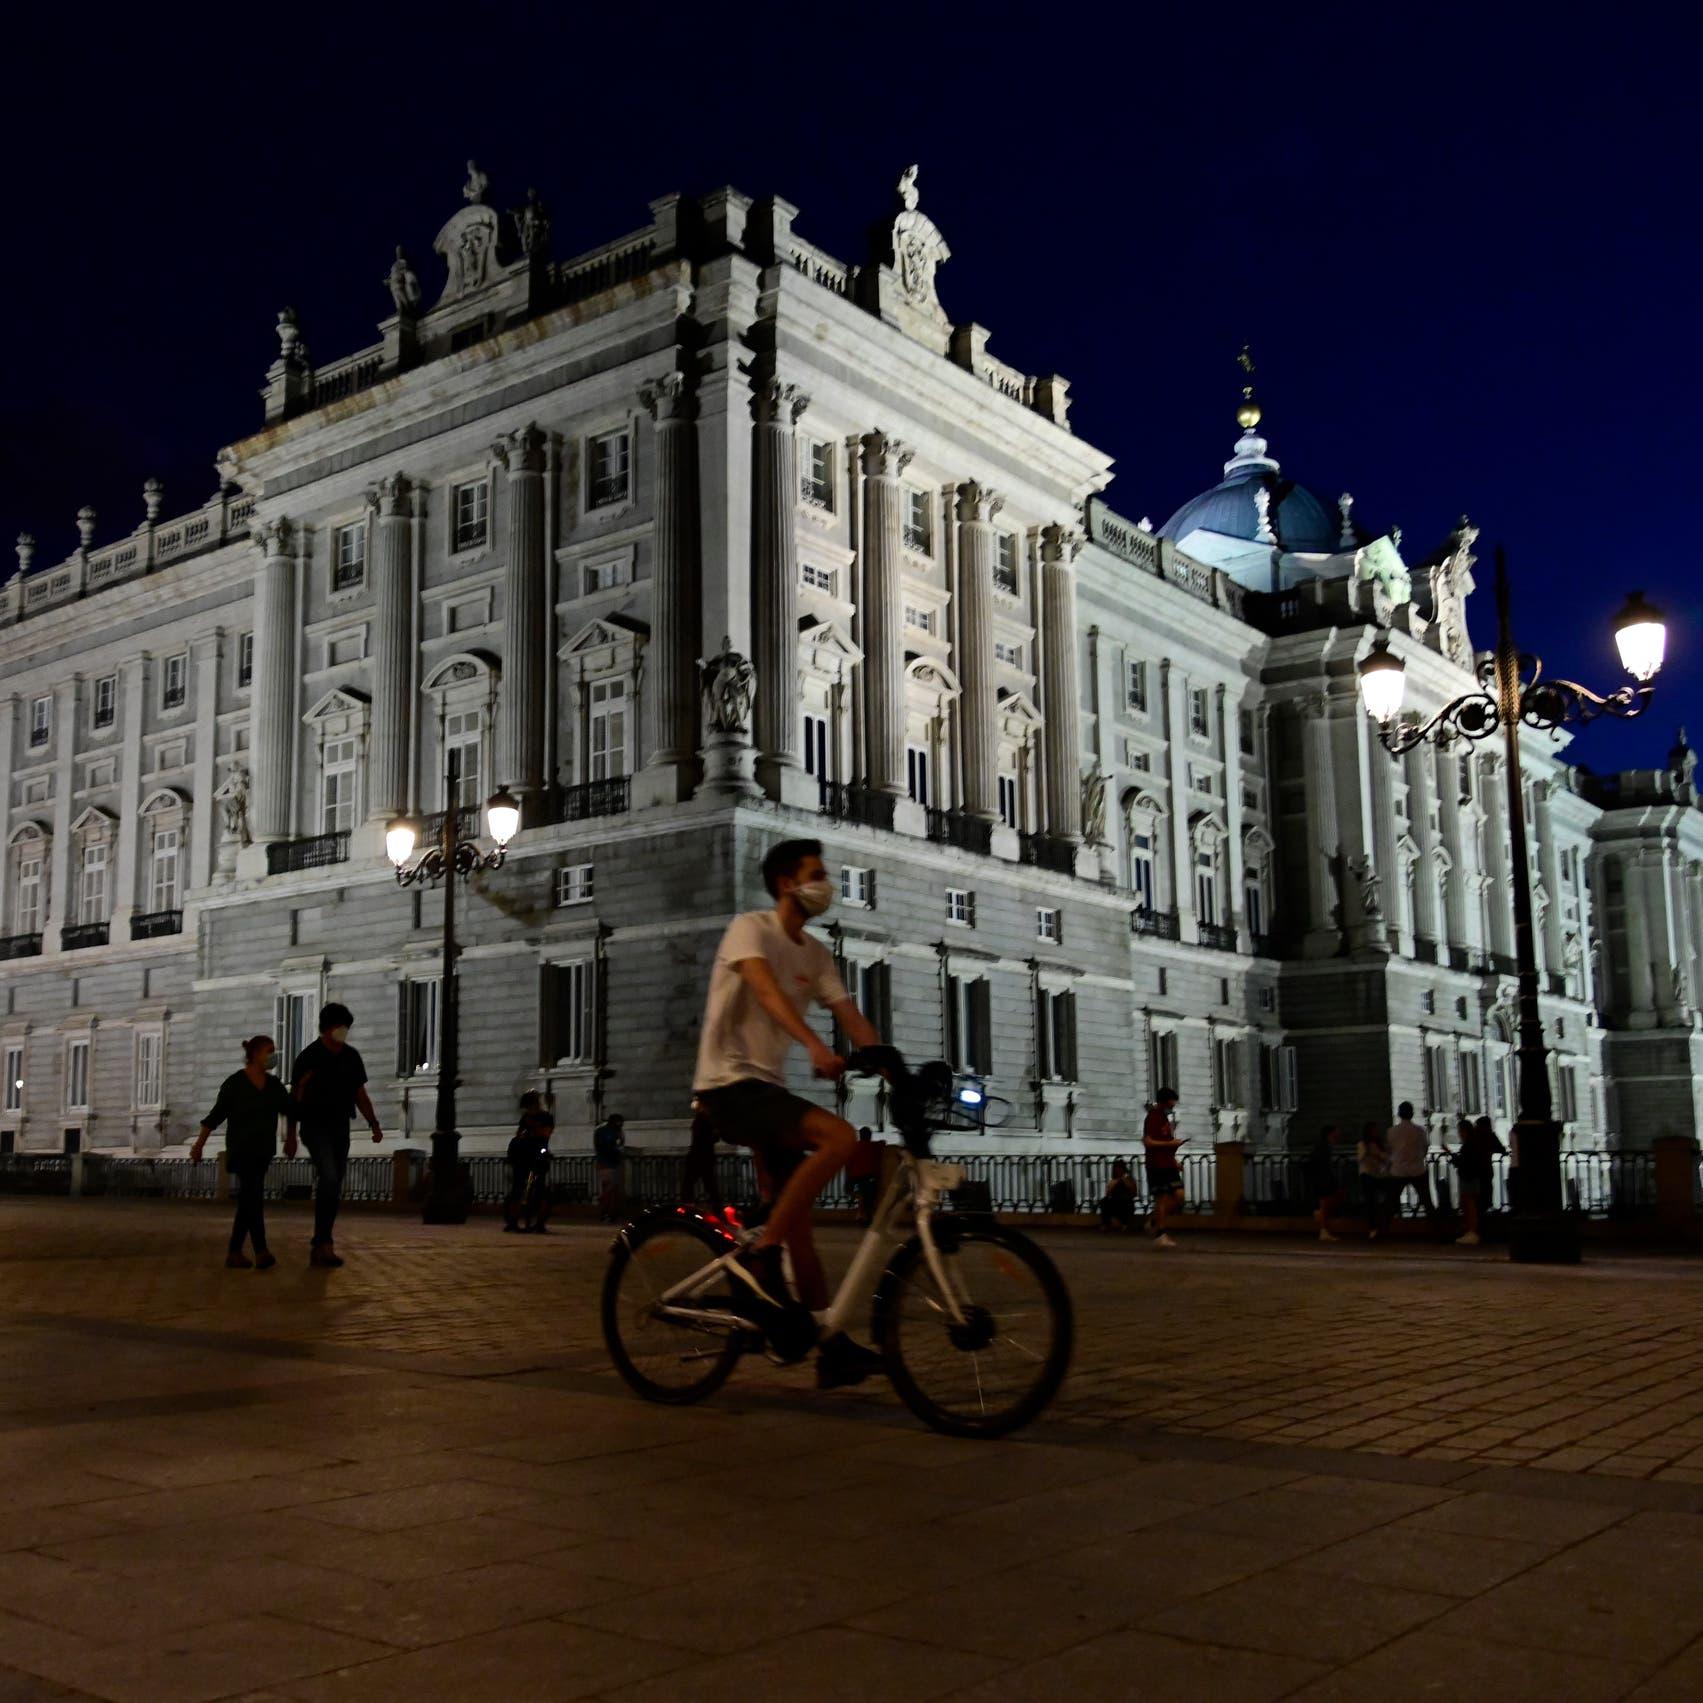 إسبانيا تأمل استحداث 800 ألف وظيفة عبر حزمة الـ 140 مليار يورو